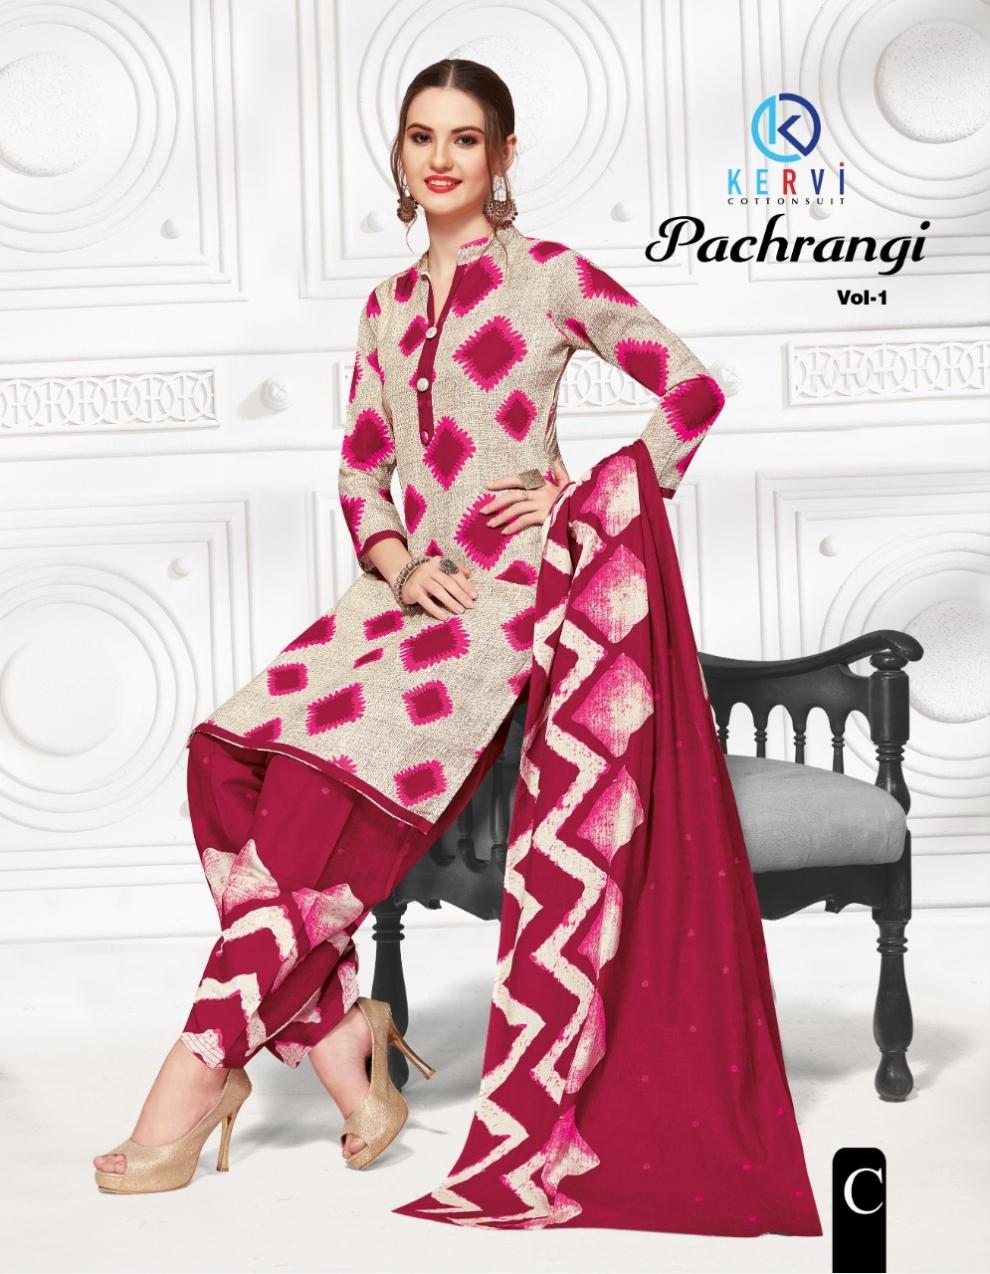 Kervi Pari Pachrangi (10)